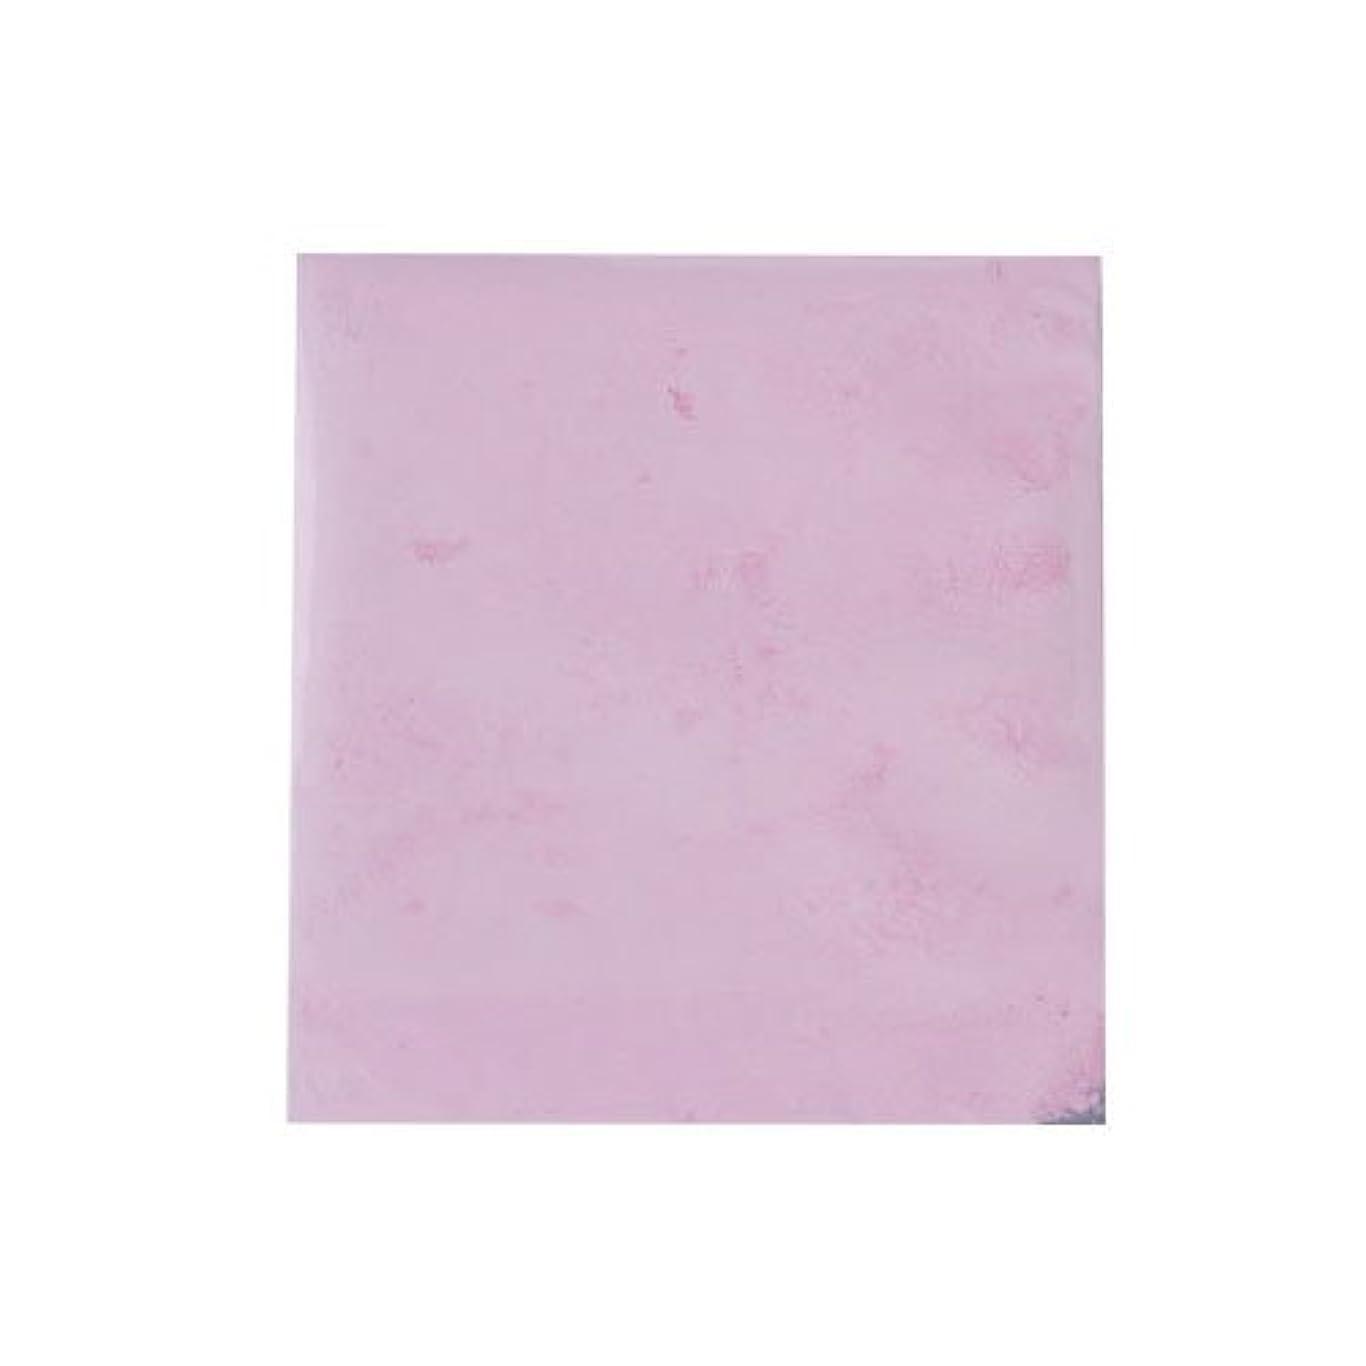 分類ヘビーラフレシアアルノルディピカエース ネイル用パウダー カラーパウダー 着色顔料 #724 ローズピンク 2g